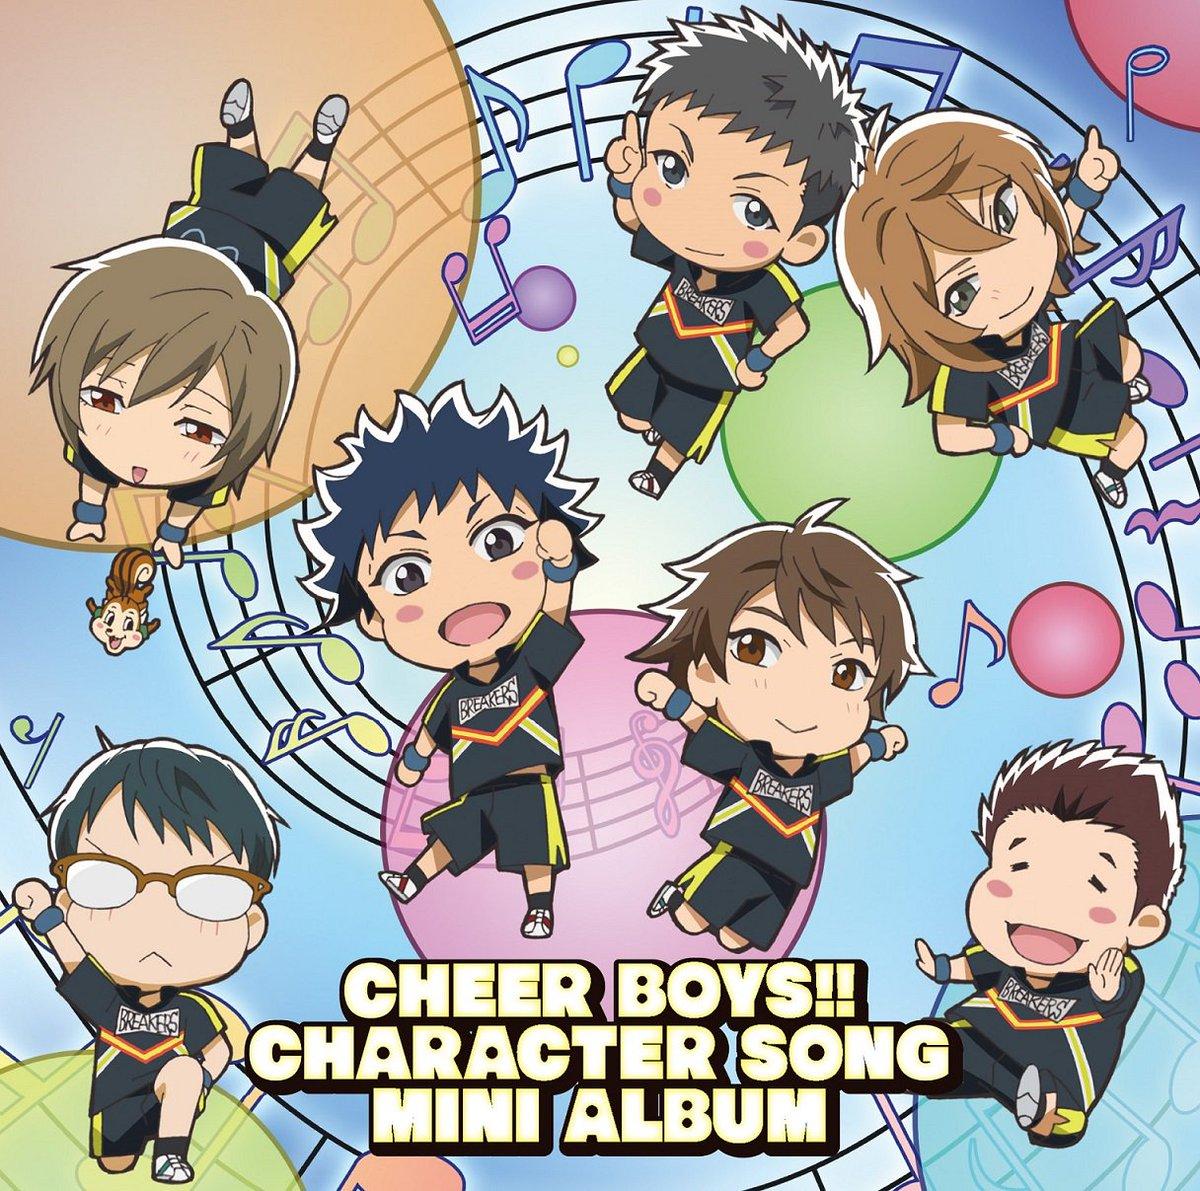 本日は『チア男子!!』キャラクターソングミニアルバムのフラゲ日!!初期メンバー7名によるキャラソン全6曲を収録しています